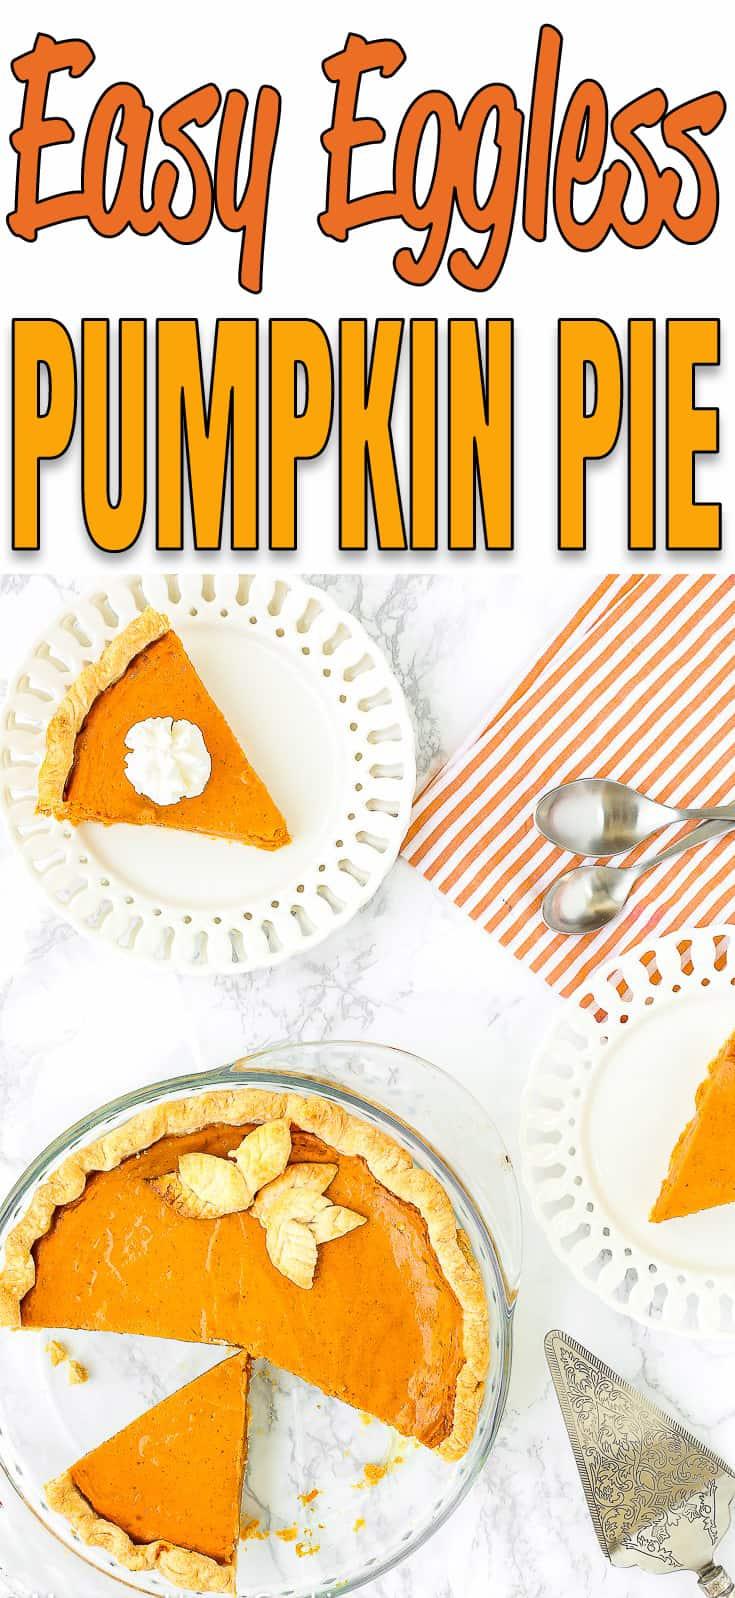 Easy Eggless Pumpkin Pie - #Thanksgiving #dessert #recipe #egglees #eggfree #pie #pumpkin